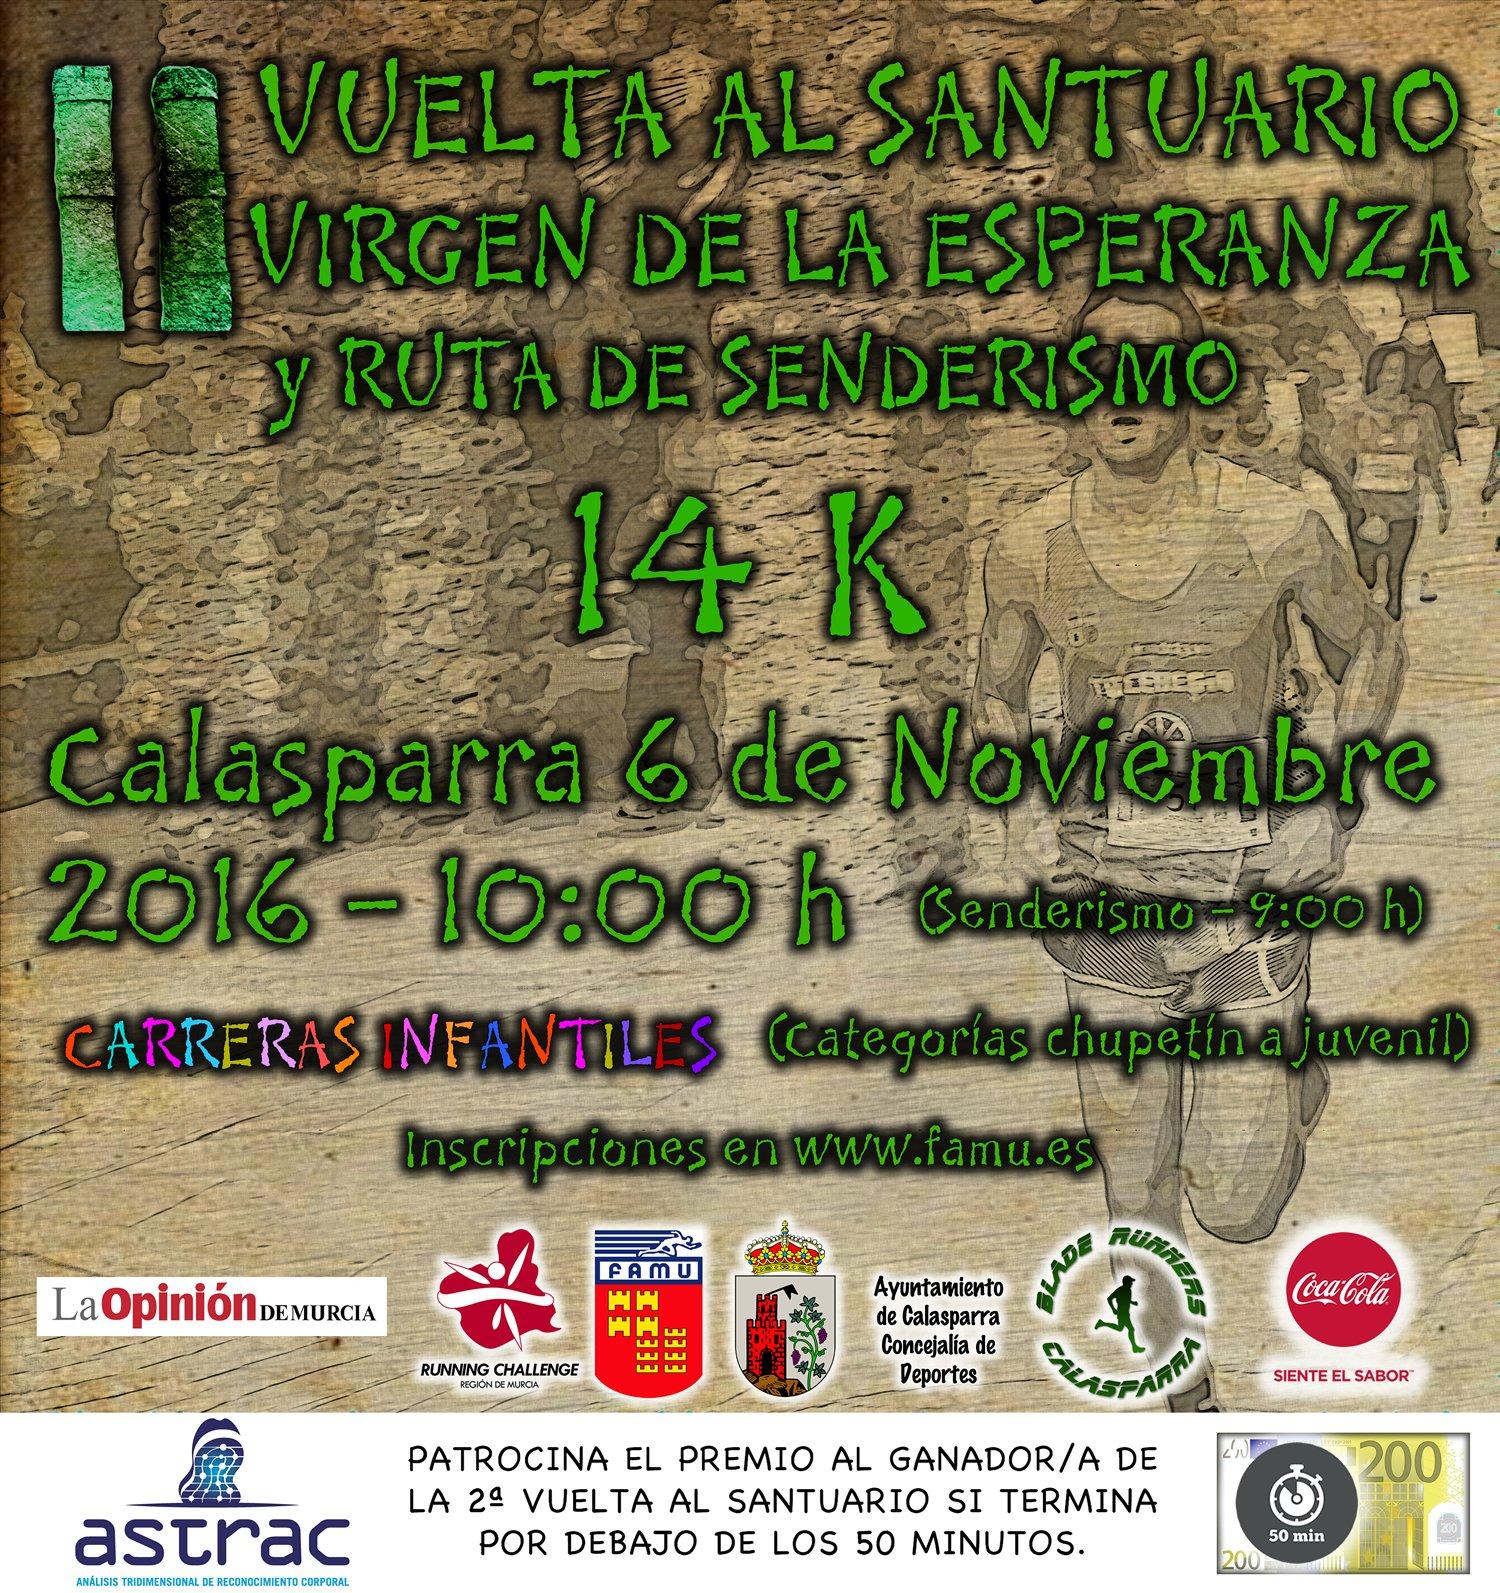 Clasificación General 2ª Vuelta Al Santuario.